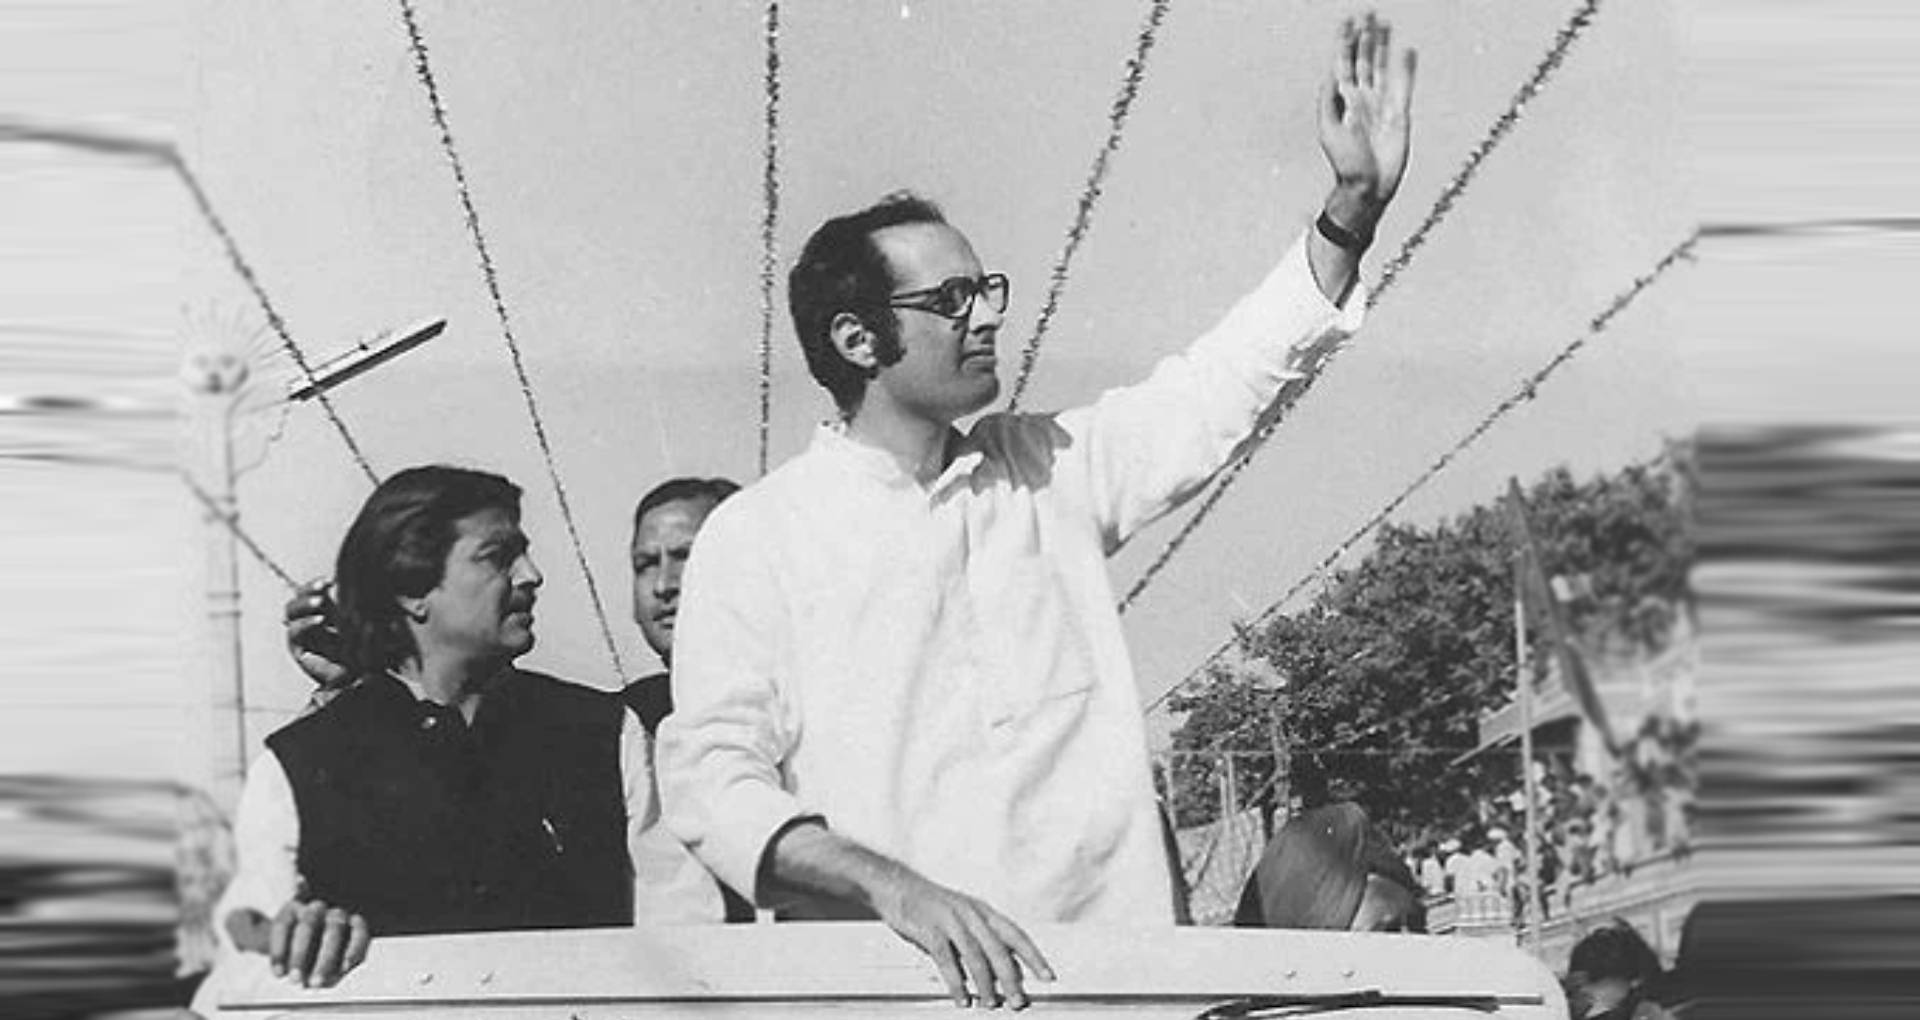 World Population Day: पॉपुलेशन कंट्रोल करने के लिए संजय गांधी ने उठाया था ऐसा कदम, देशभर में मच गया था तहलका